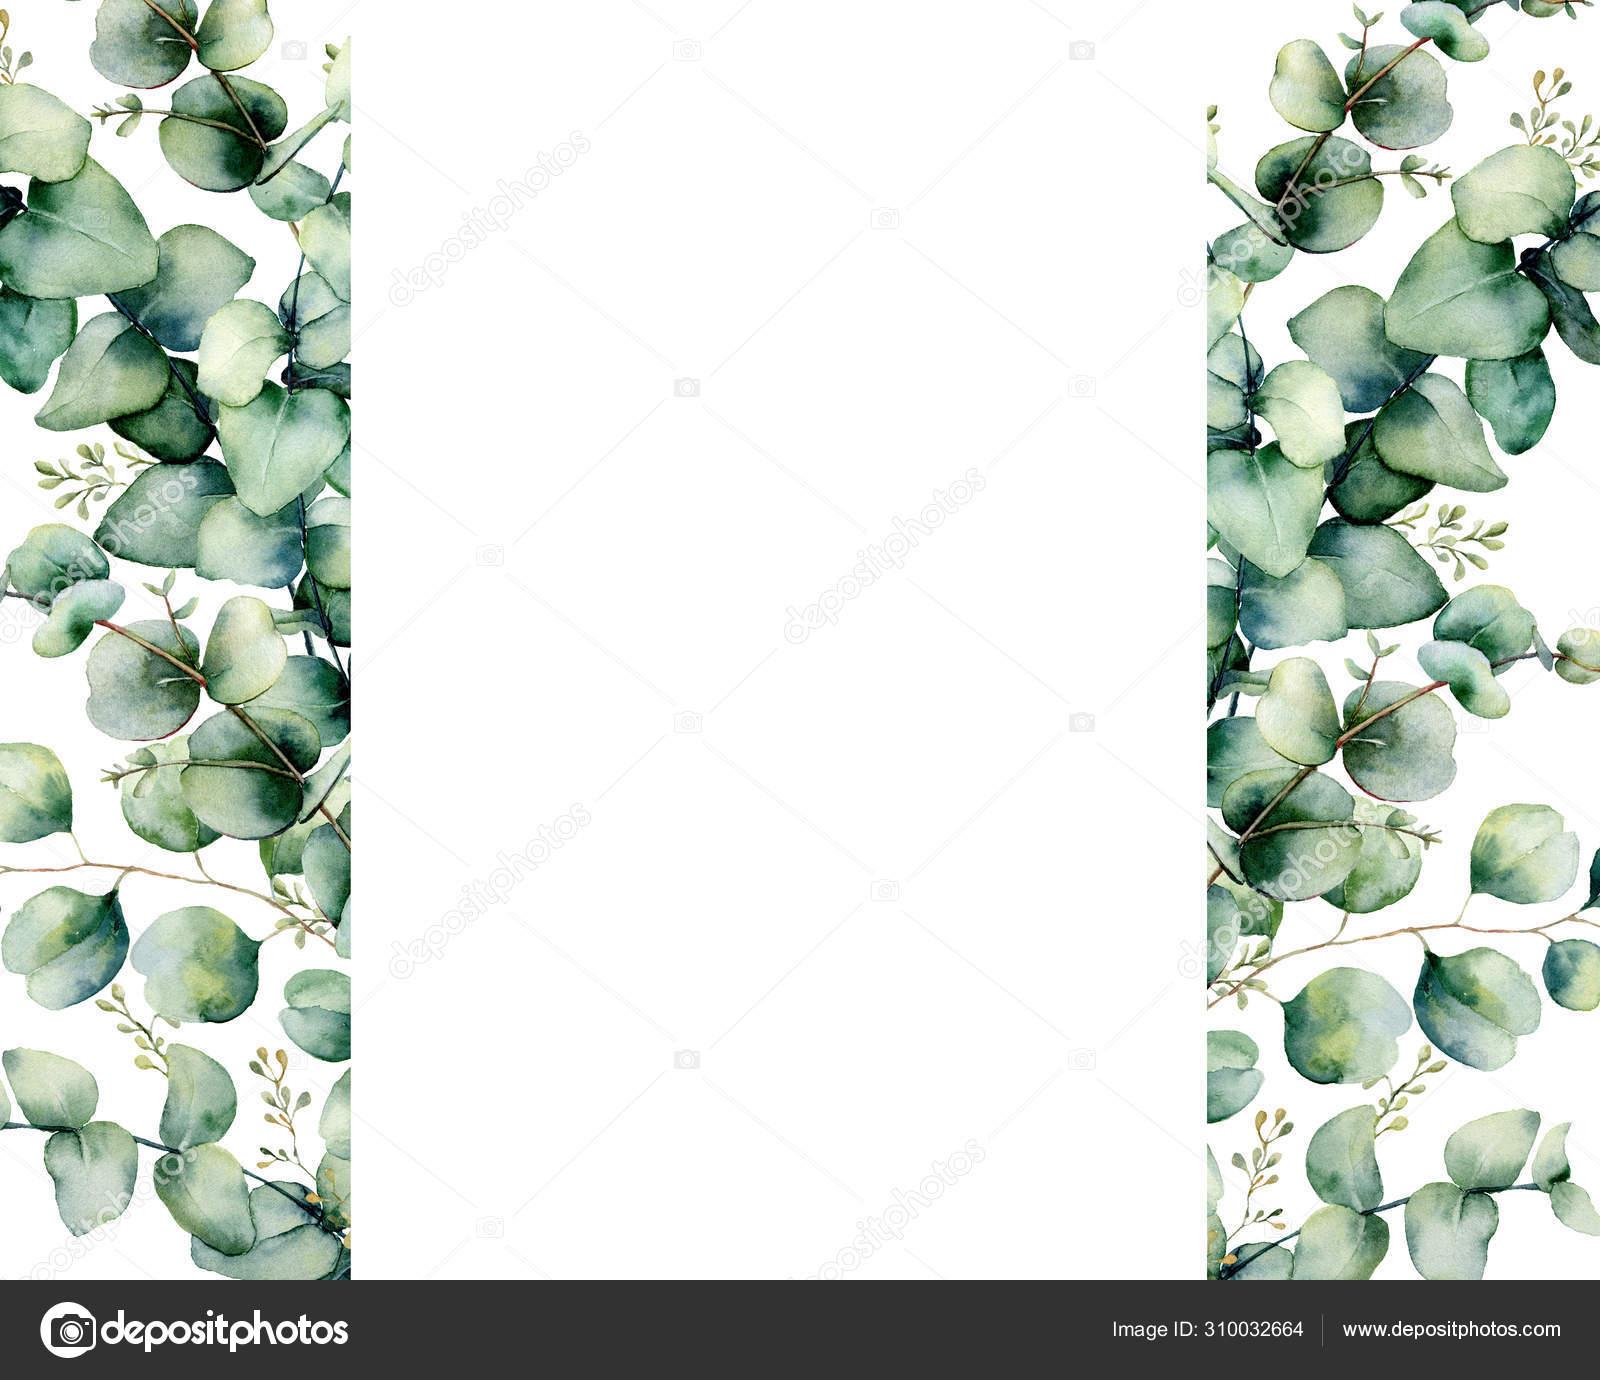 Image Result For Kaktus Vektor Blattzeichnung